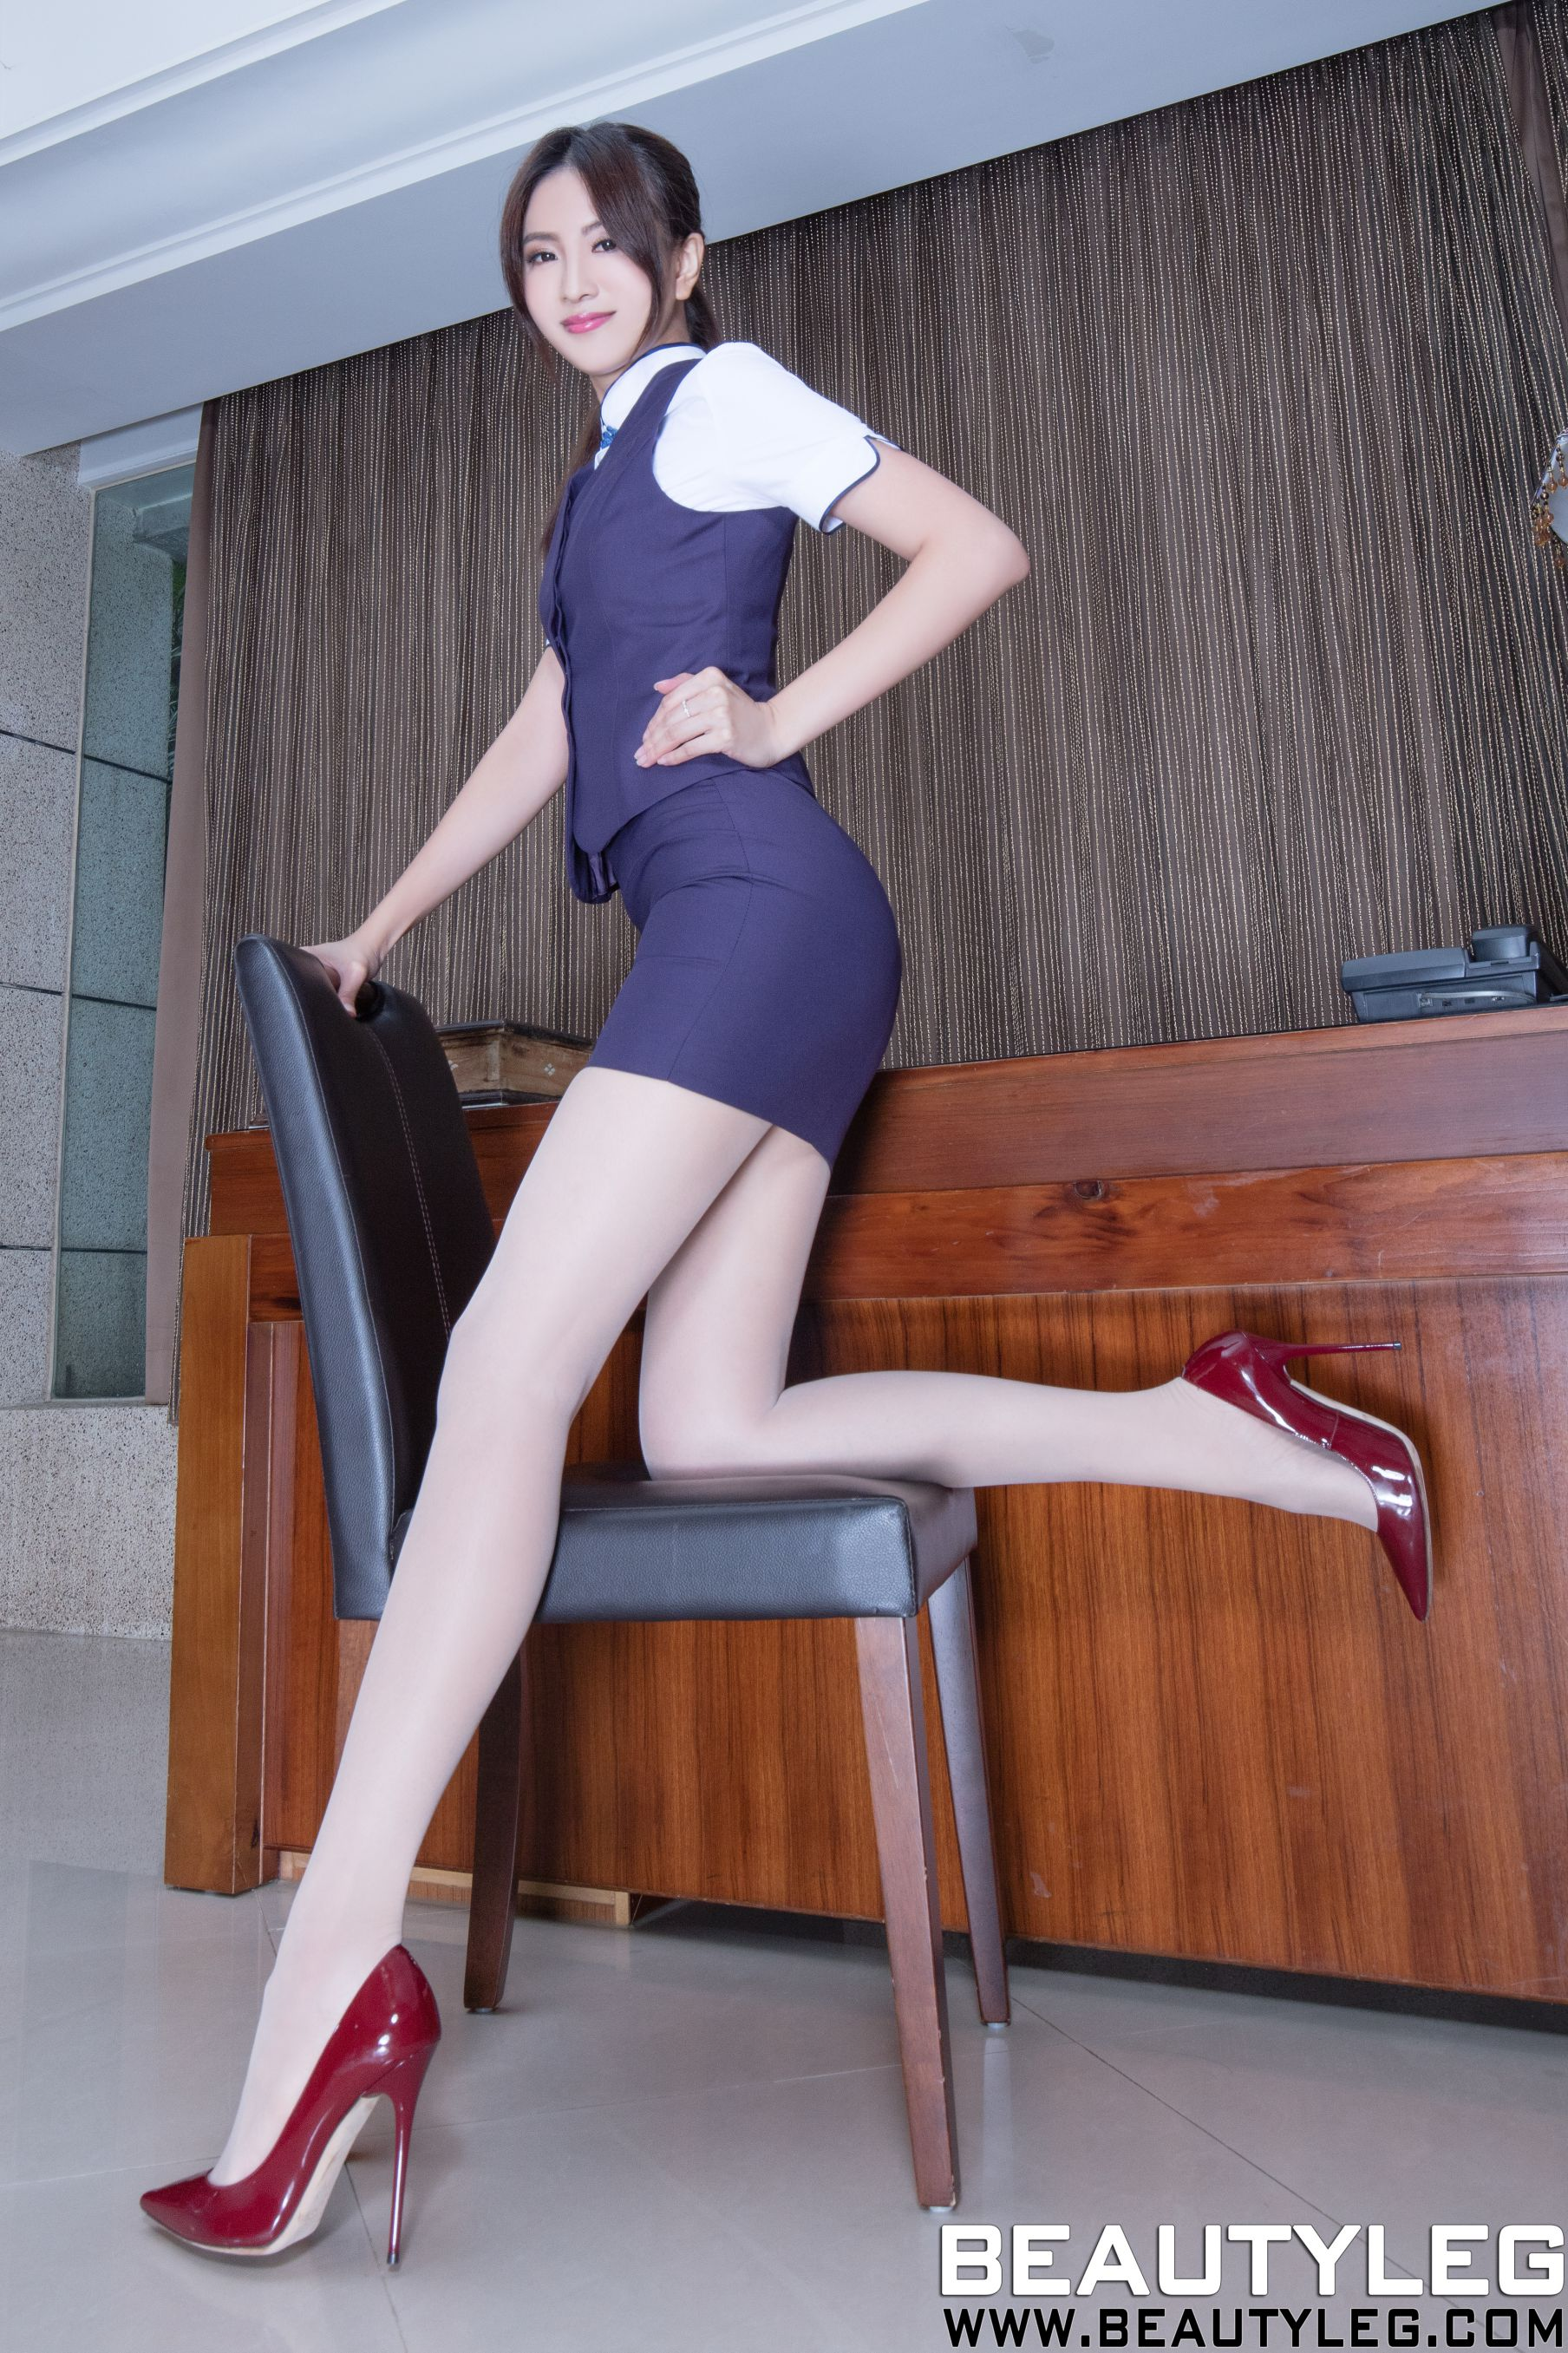 VOL.629 [Beautyleg]制服丝袜美腿:简晓育(腿模Vicni,晓育儿)高品质写真套图(61P)